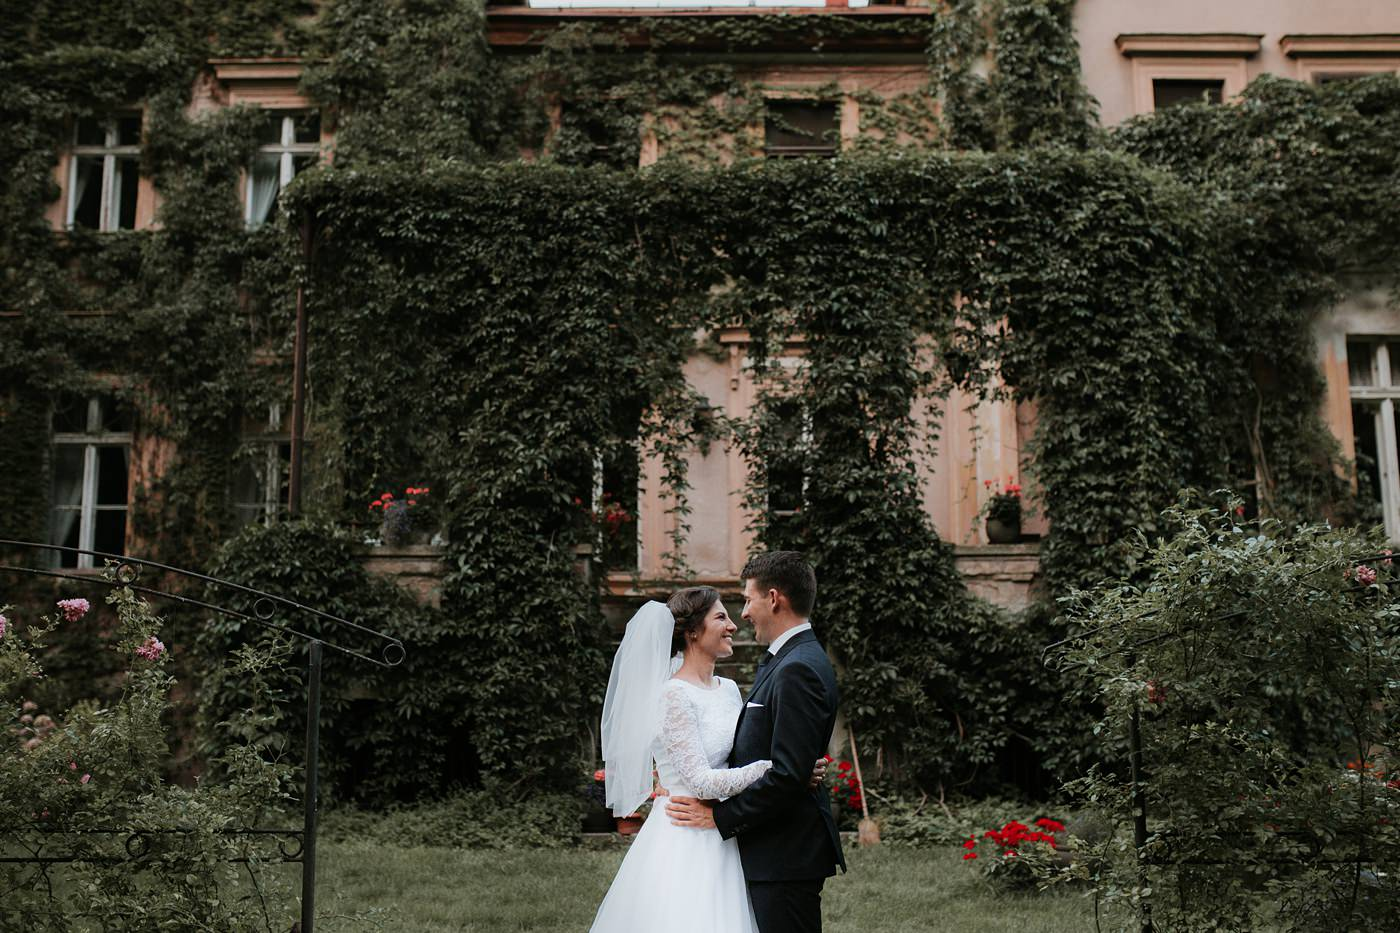 Dominika & Aleksander - Rustykalne wesele w stodole - Baborówko 103